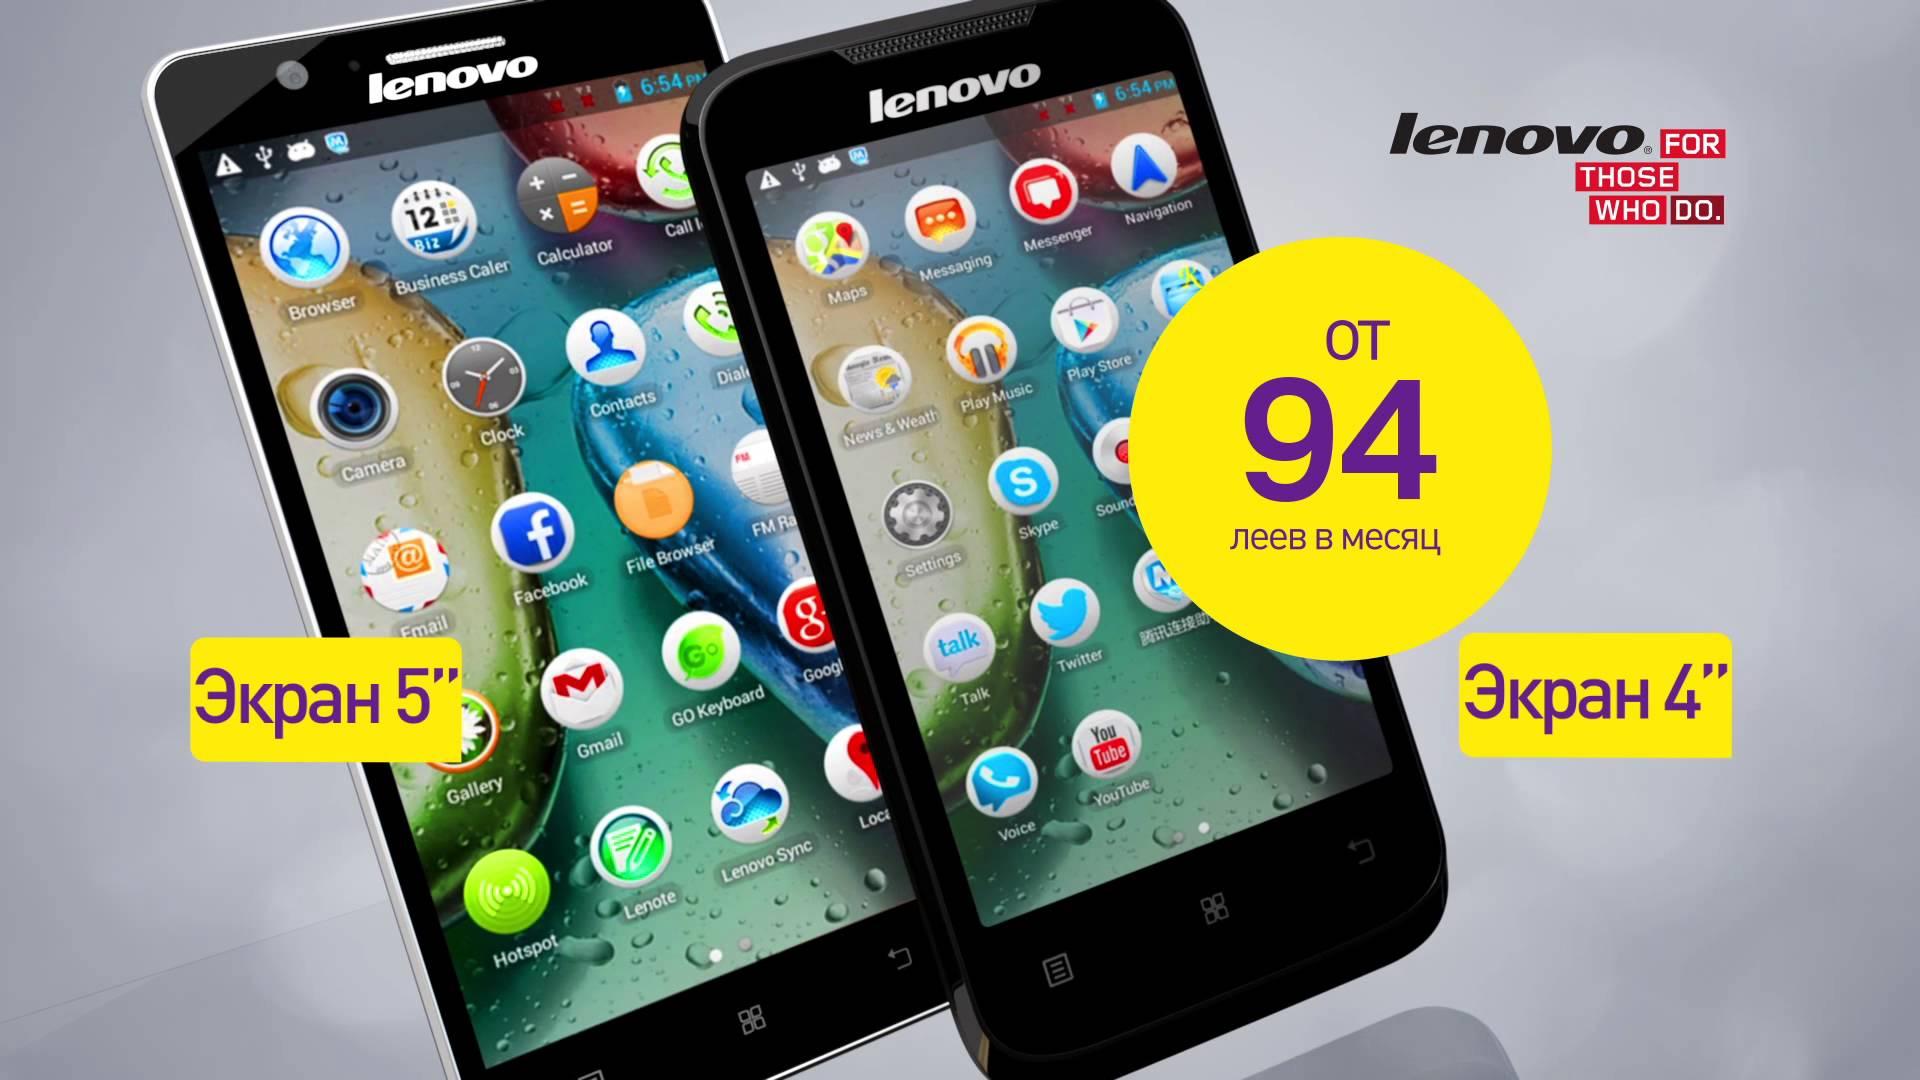 Купите себе смартфон Lenovo по лучшей цене!